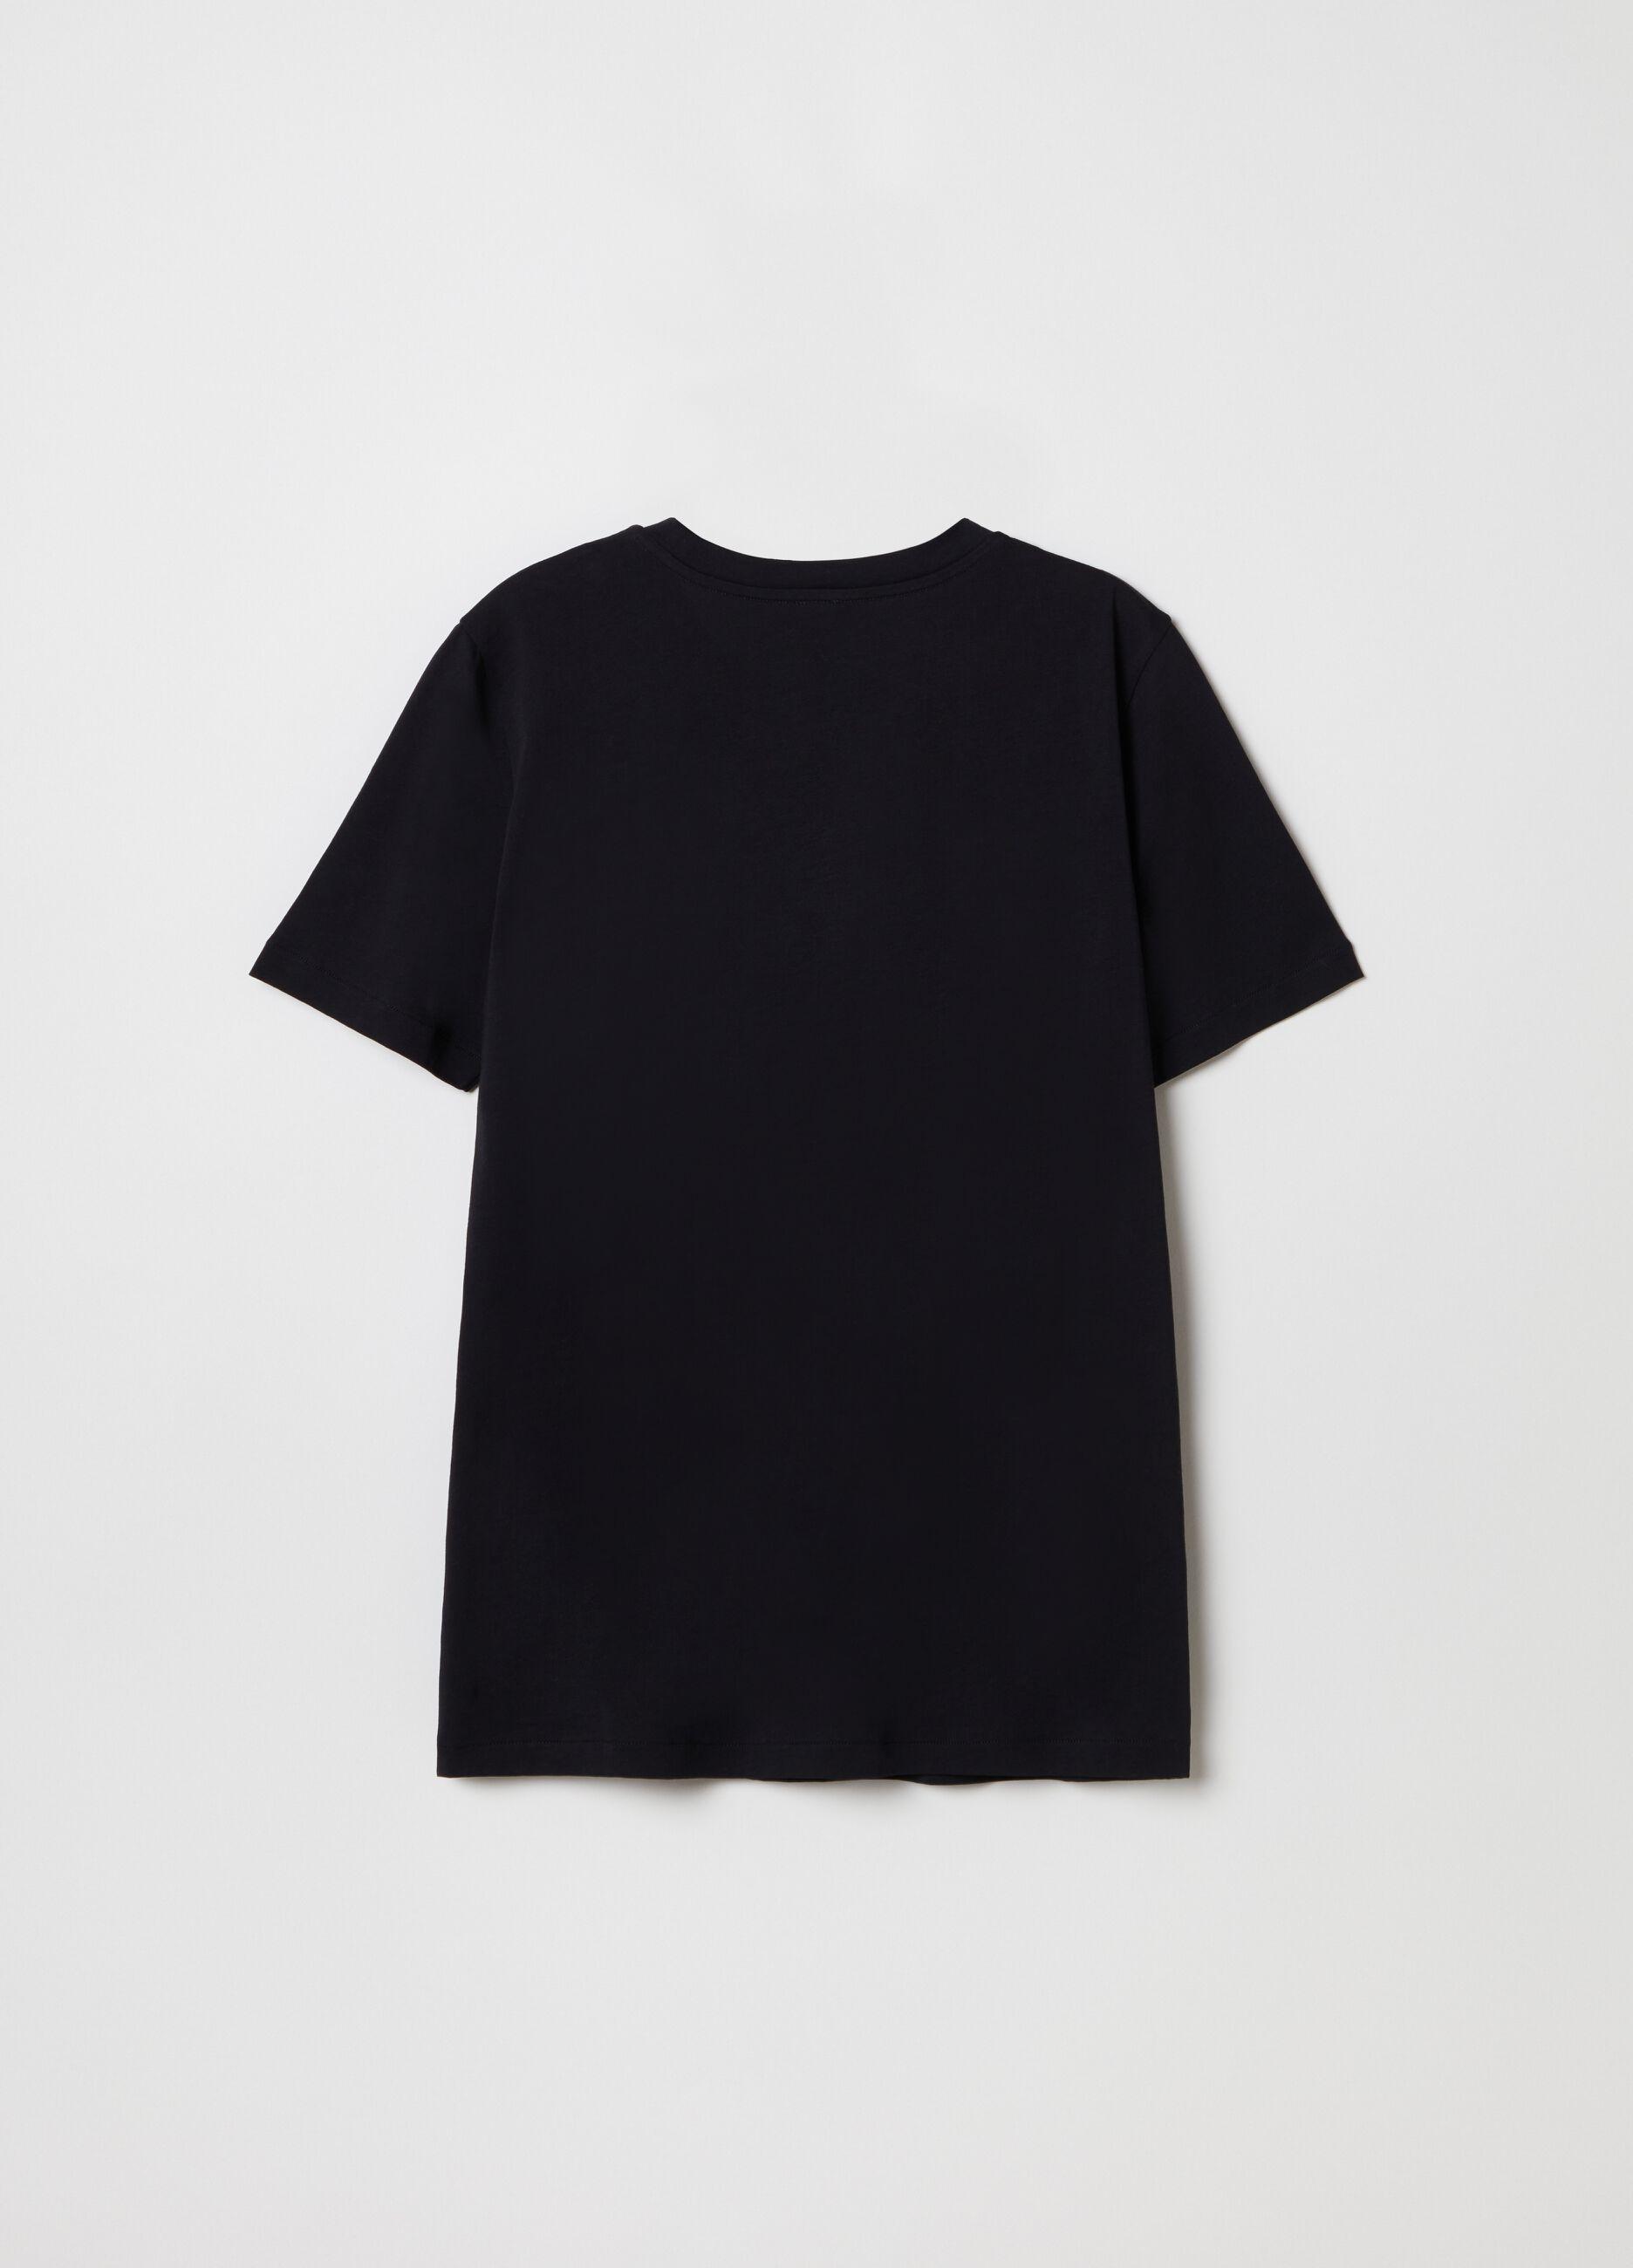 T-shirt in cotone Supima Nero